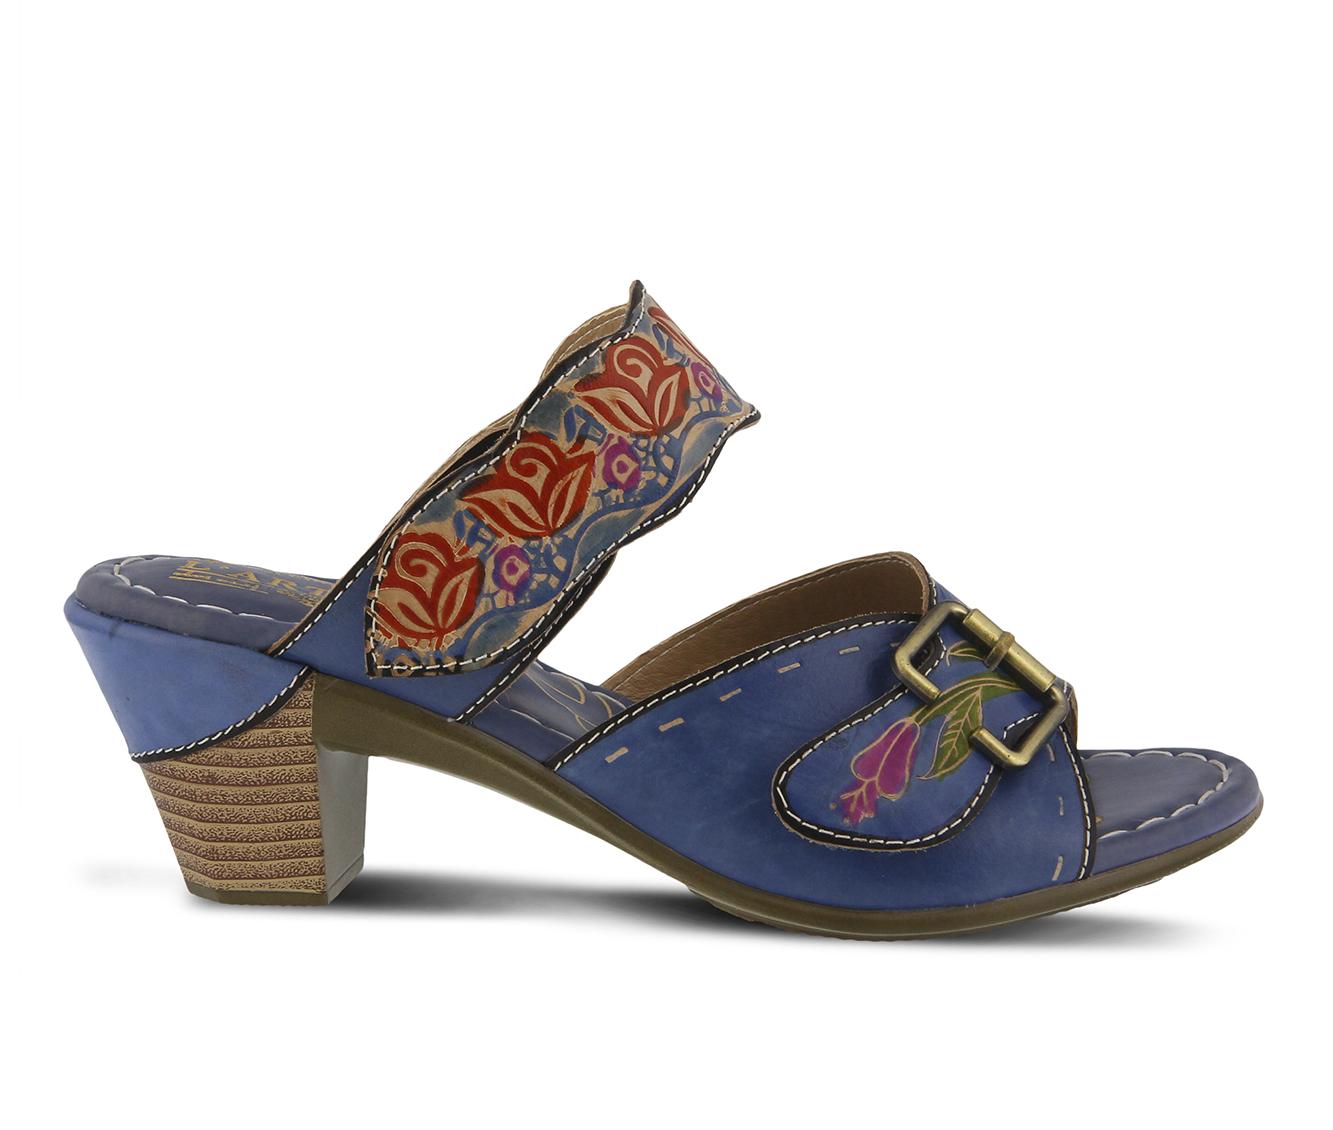 L'Artiste Ozuna Women's Dress Shoe (Blue Leather)